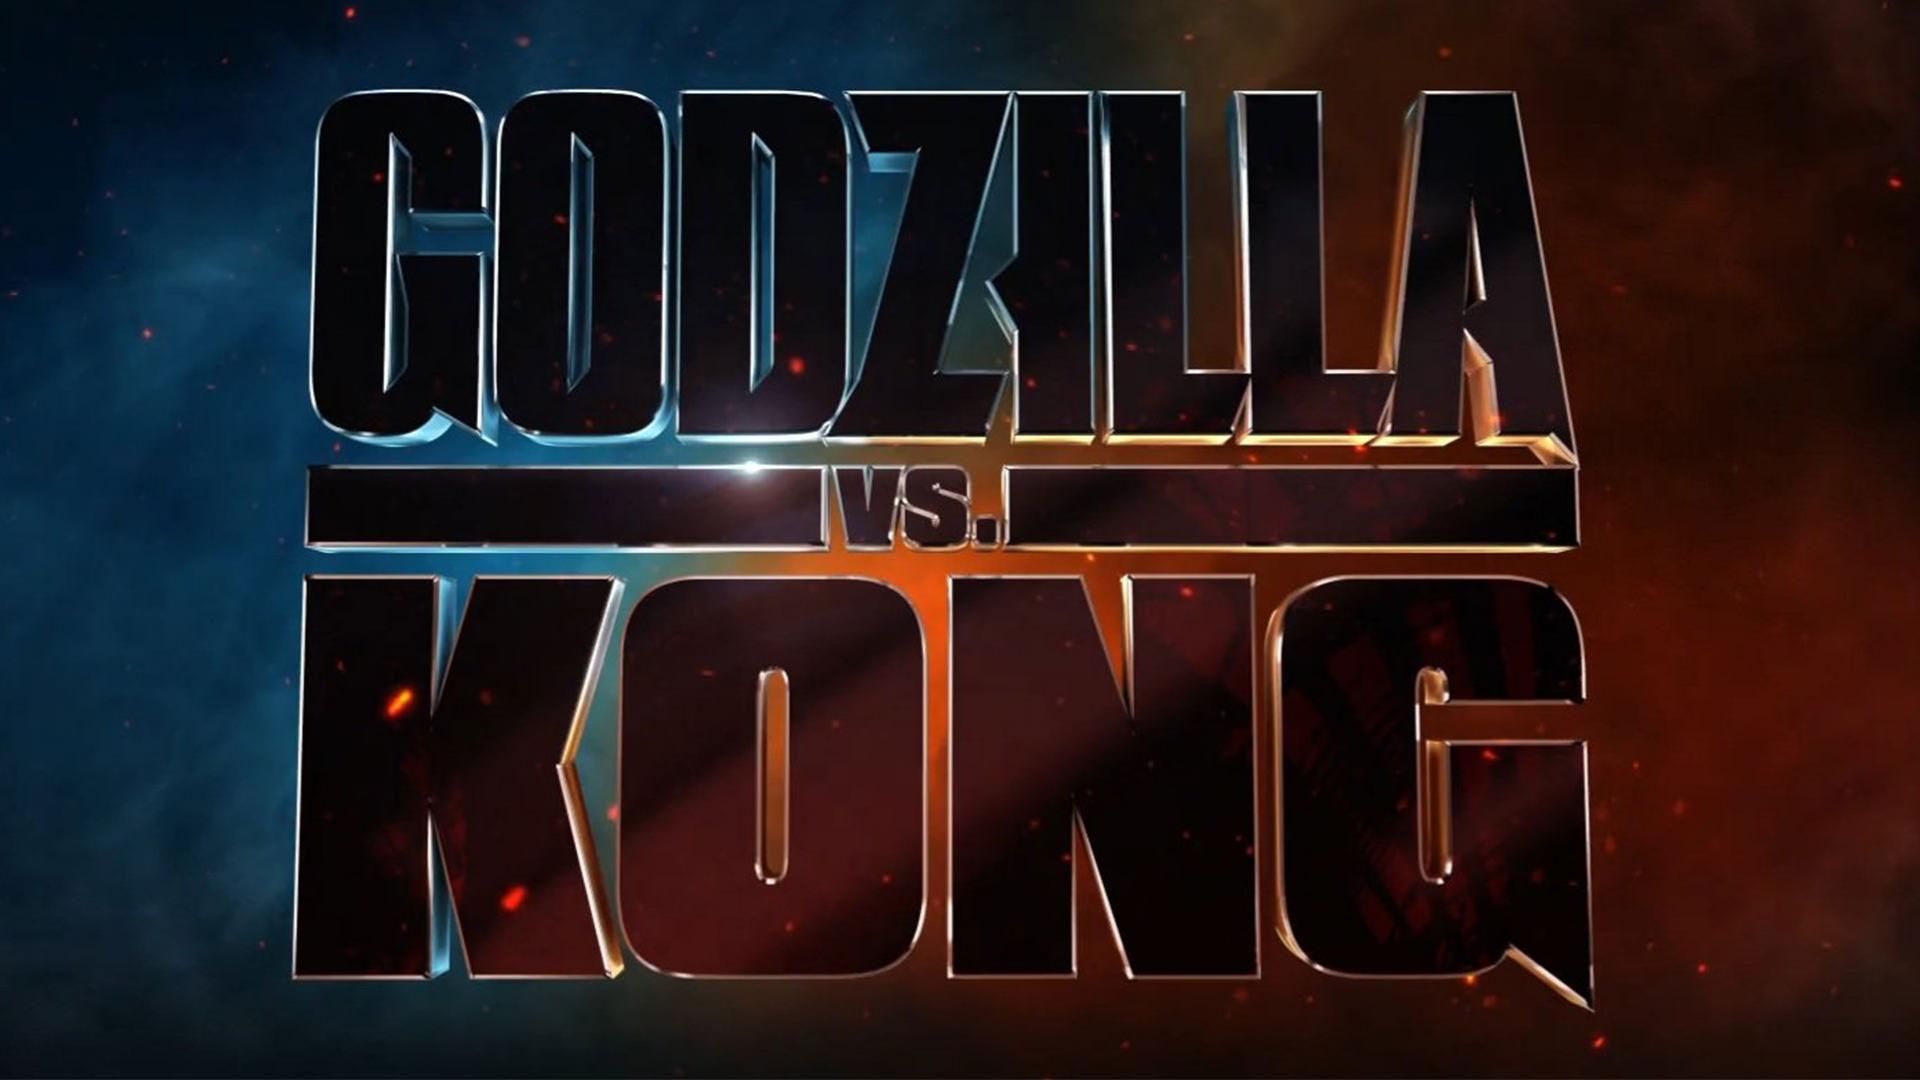 برادران وارنر و لجندری در آستانه توافق برای برنامه پخش فیلم Godzilla vs. Kong هستند